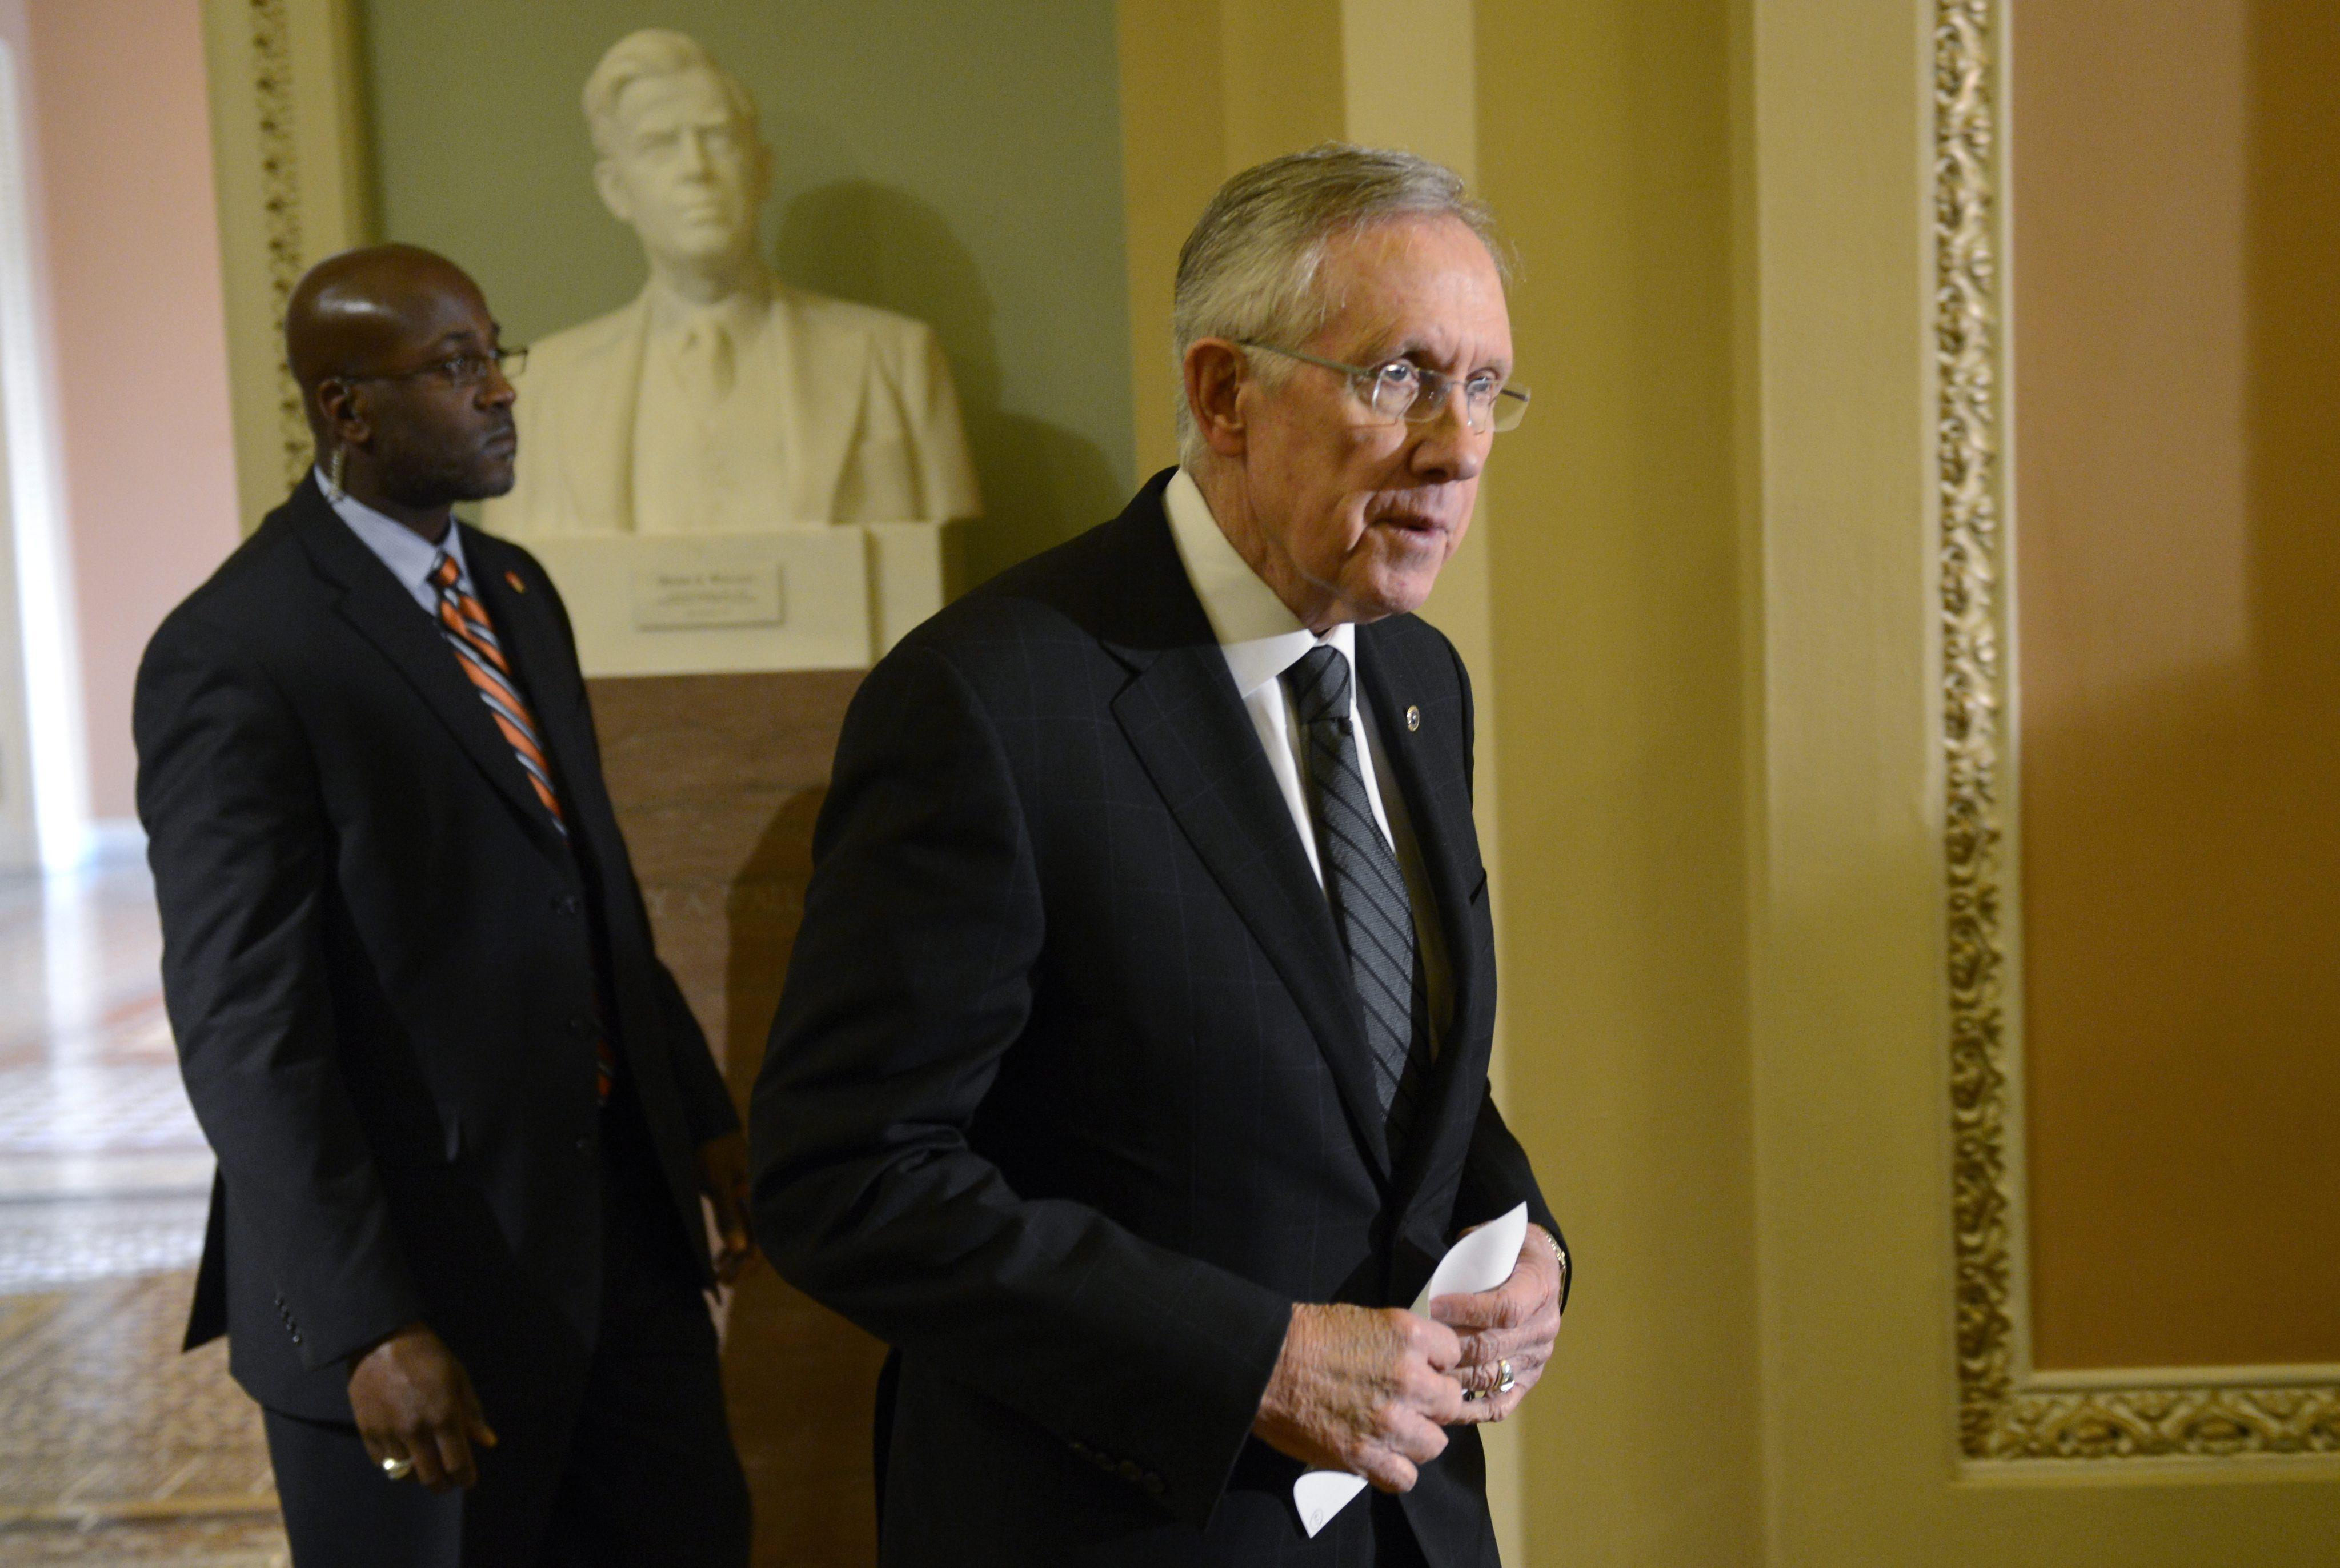 La vía rápida para tratados comerciales topa con el rechazo demócrata en EEUU